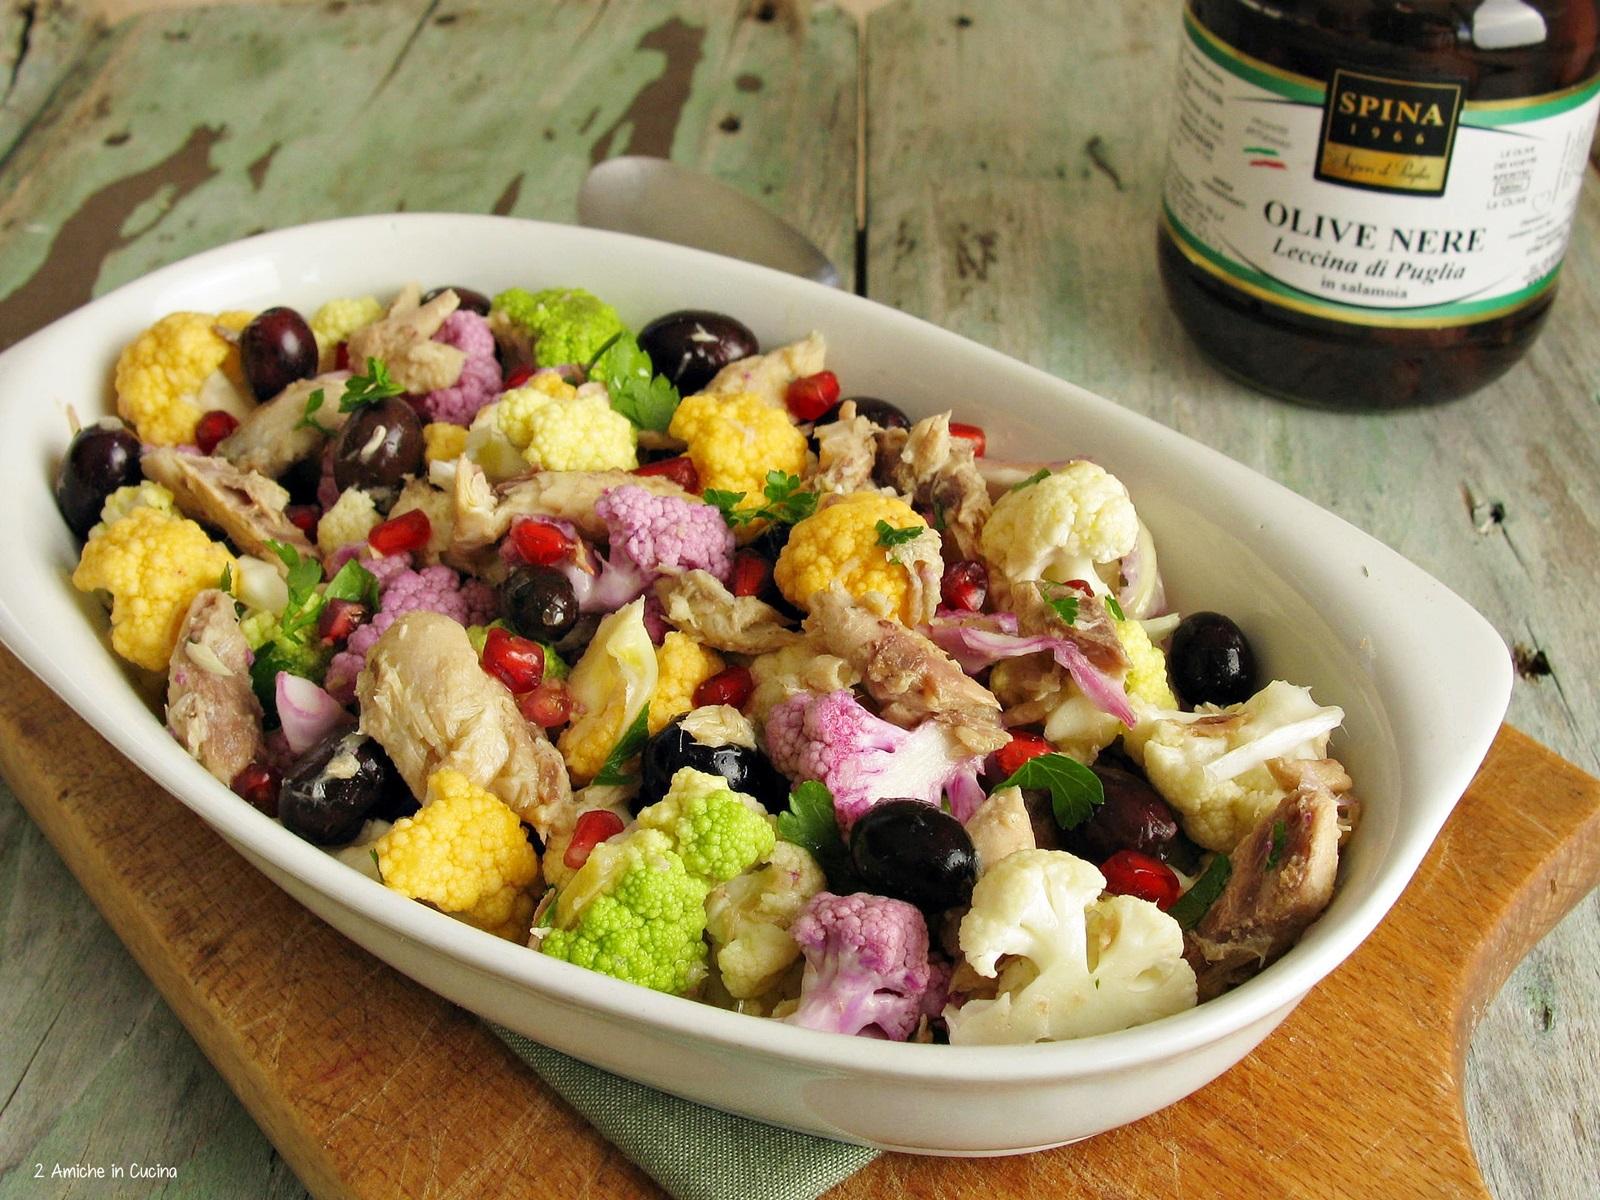 cavolfiore colorato in insalata con olive nere e sgombro sottolio